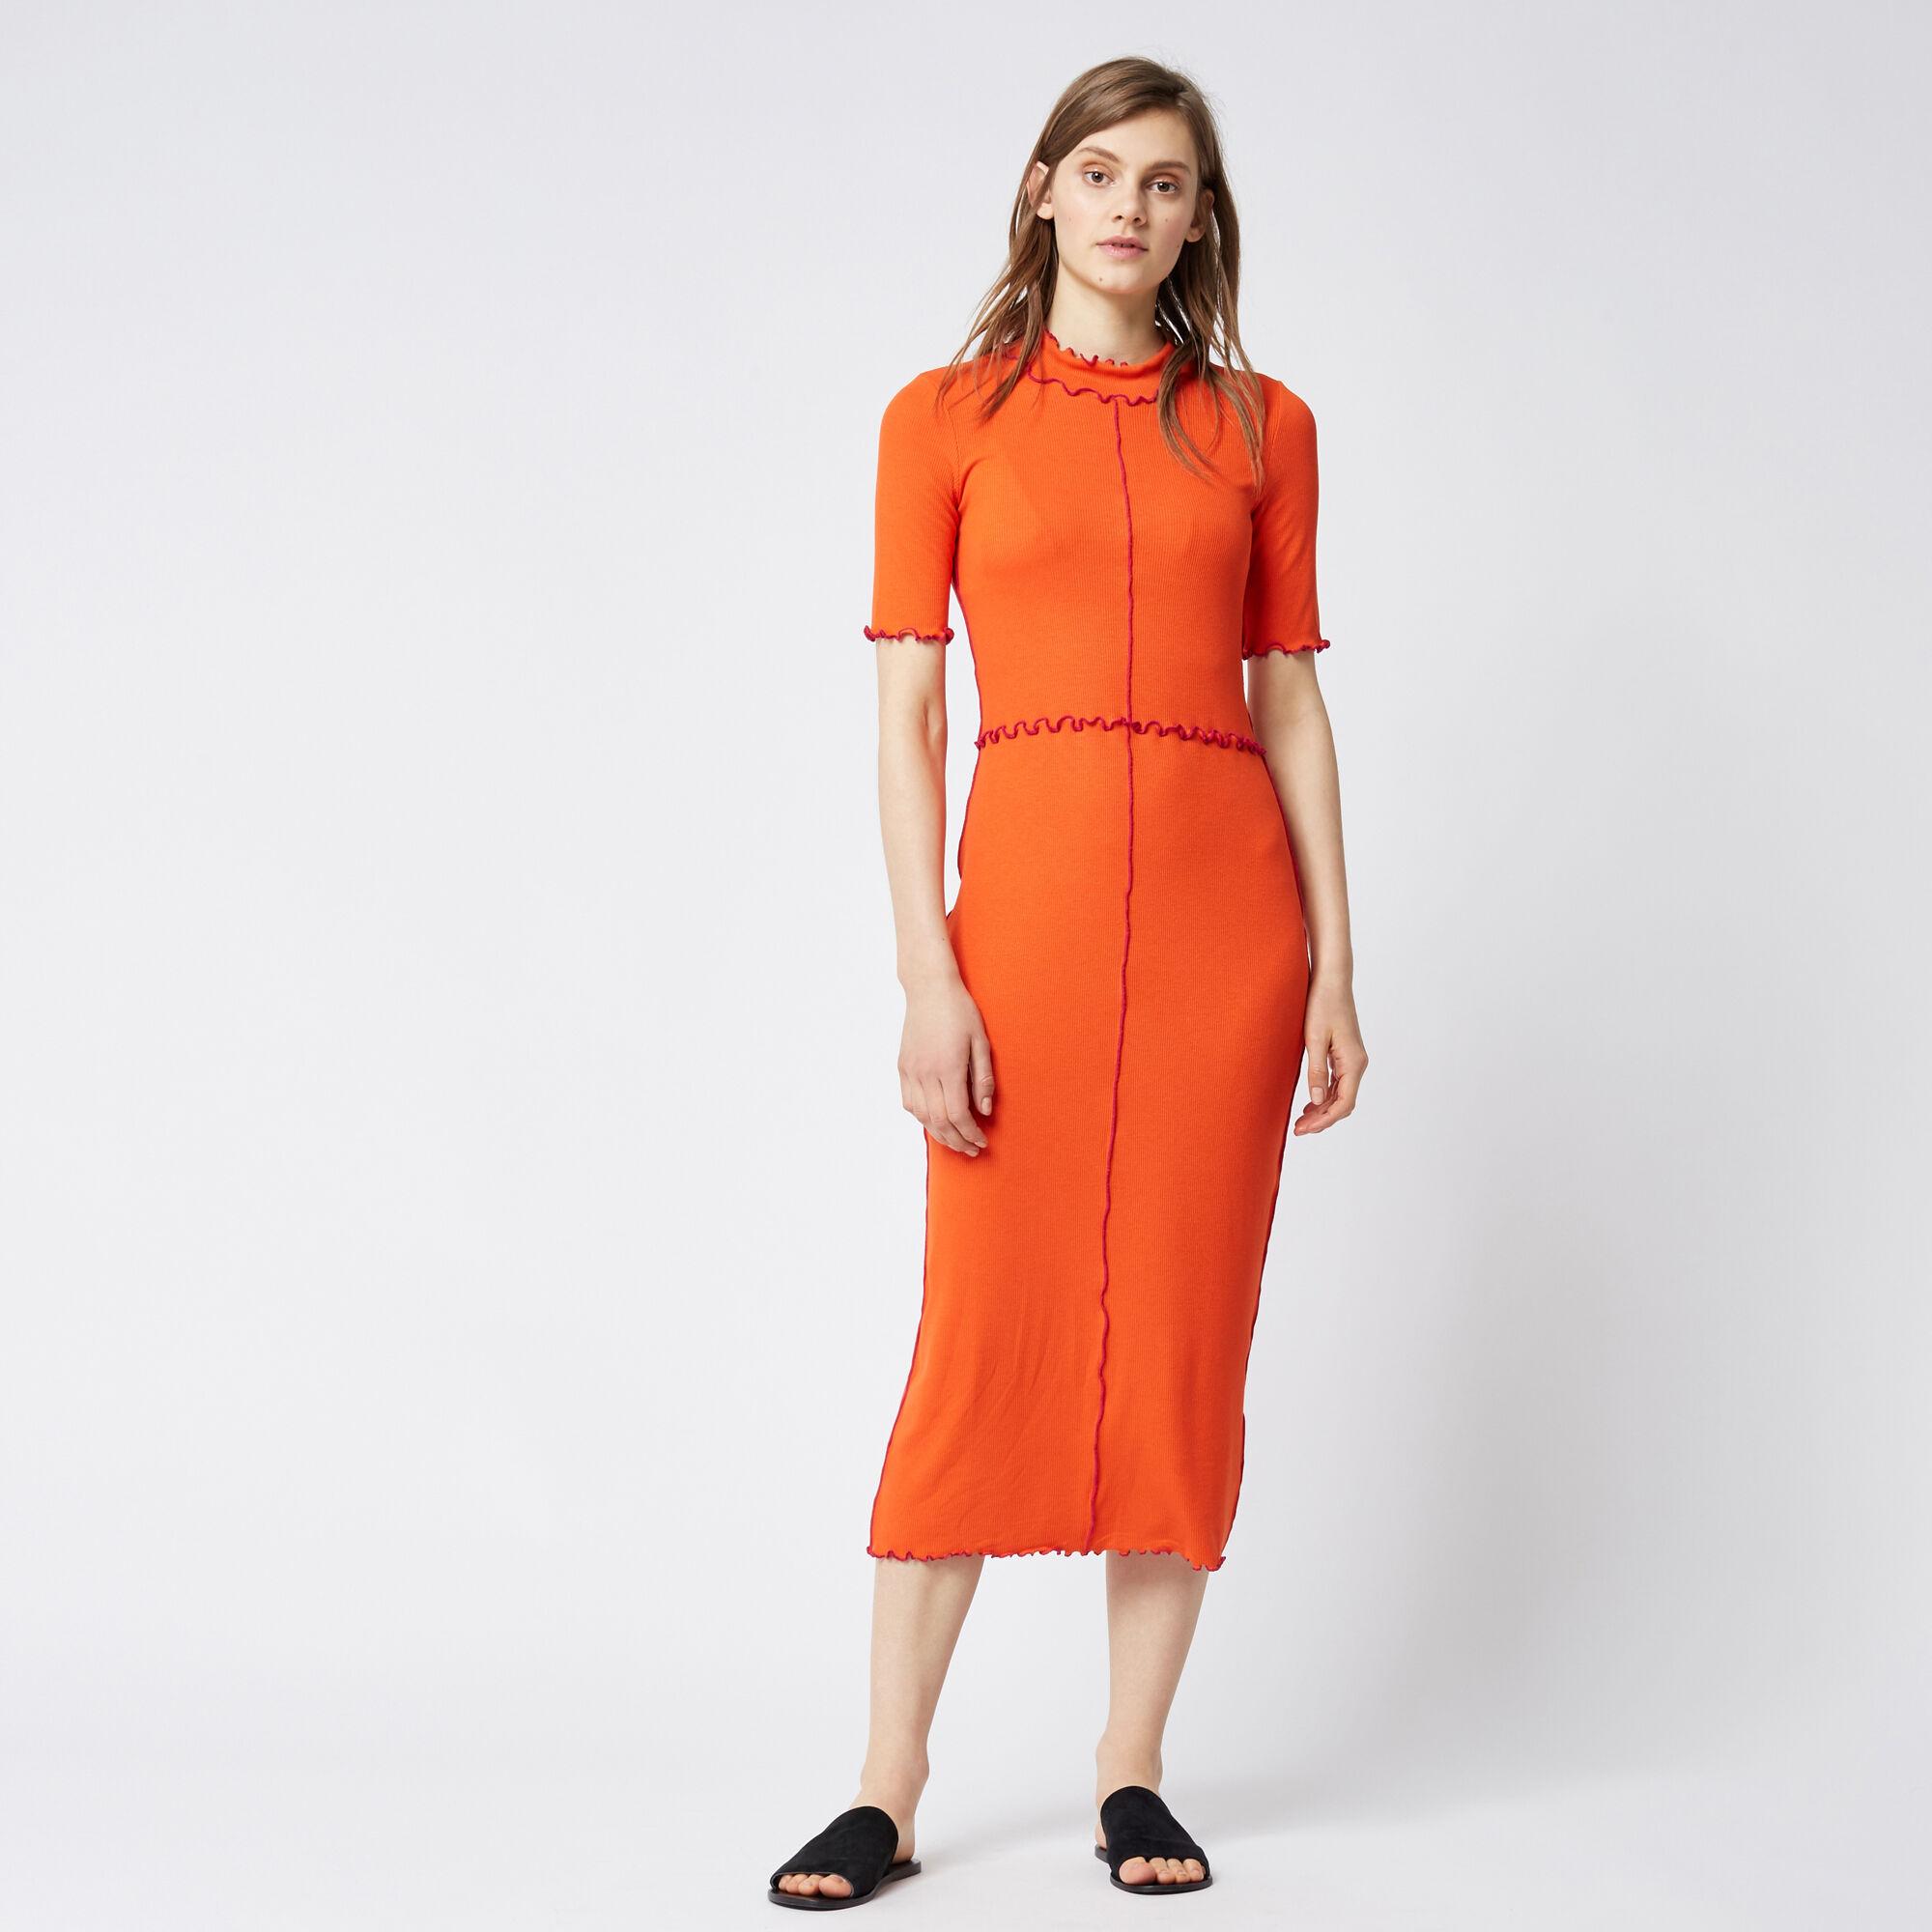 Warehouse, MINI RIB FRILL DRESS Bright Red 1